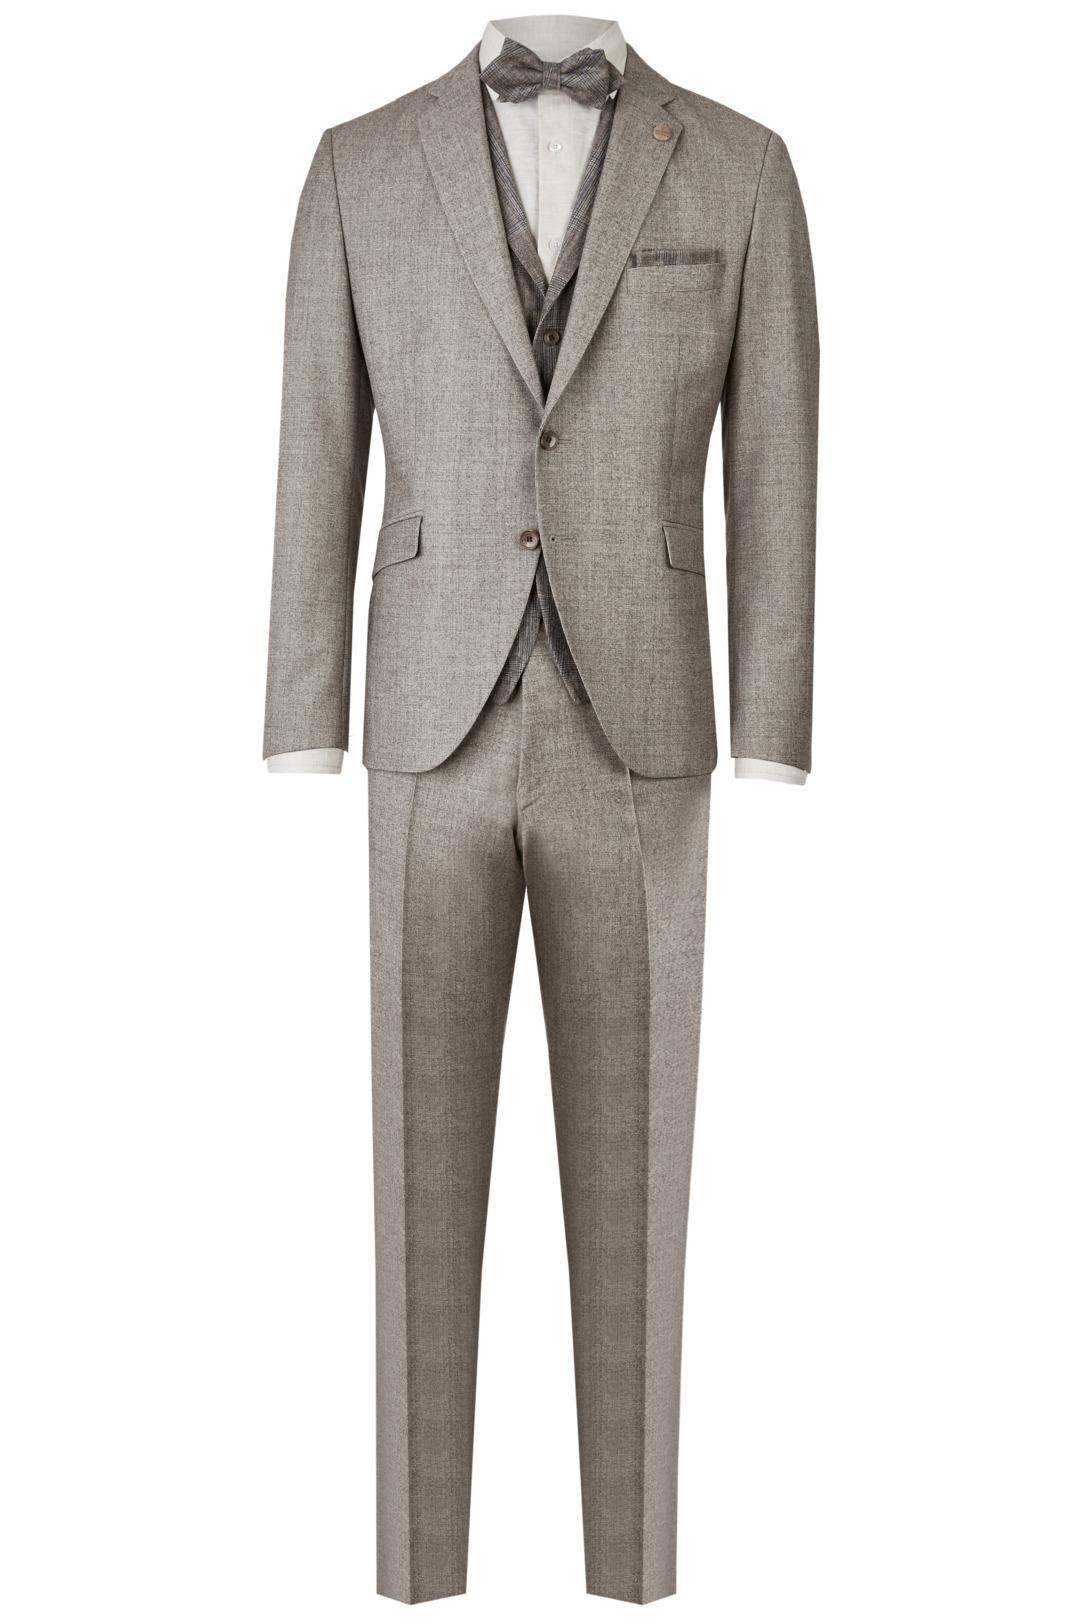 Wilvorst Green Wedding Hochzeitsanzug Männer Mode Bräutigam klassische Form vintage boho Stil hellgrau natur wil_0121_otf_gw-look-2_1